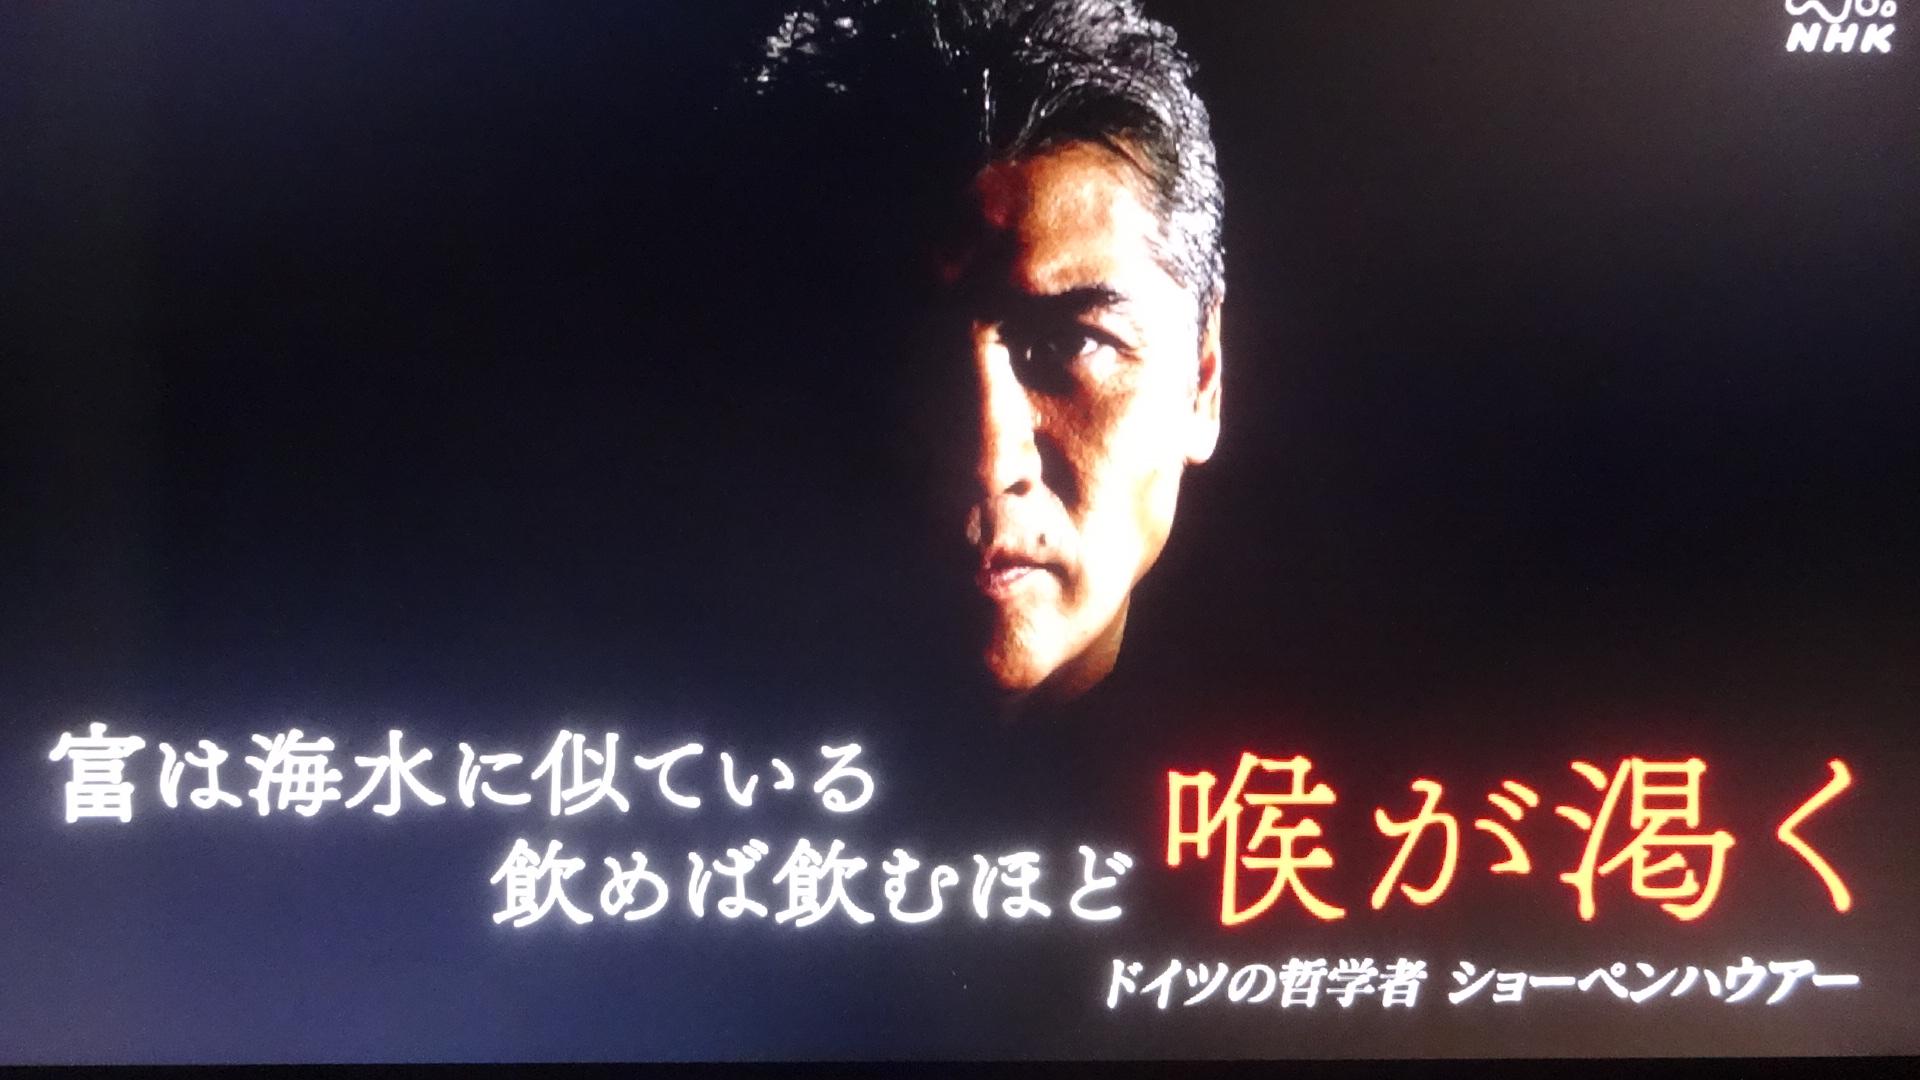 吉川晃司が「富は海水に似ている 飲めば飲むほど 喉が渇く」と語るシーン